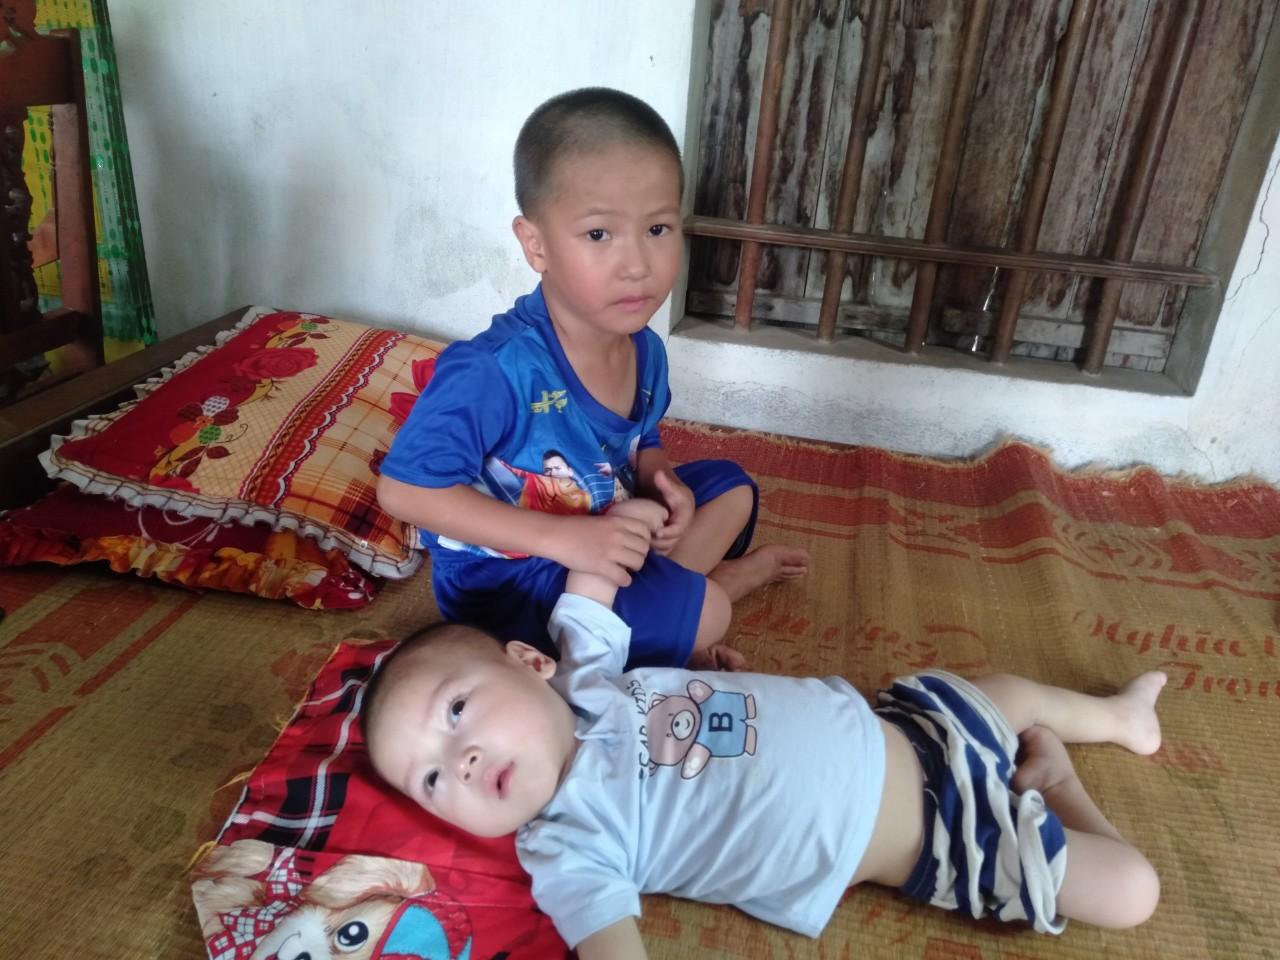 Con trai lớn 5 tuổi mắc bệnh tim, đứa bé 1 tuổi liệt tứ chi, người mẹ nuốt nước mắt cầu xin một cơ hội để cứu con-1